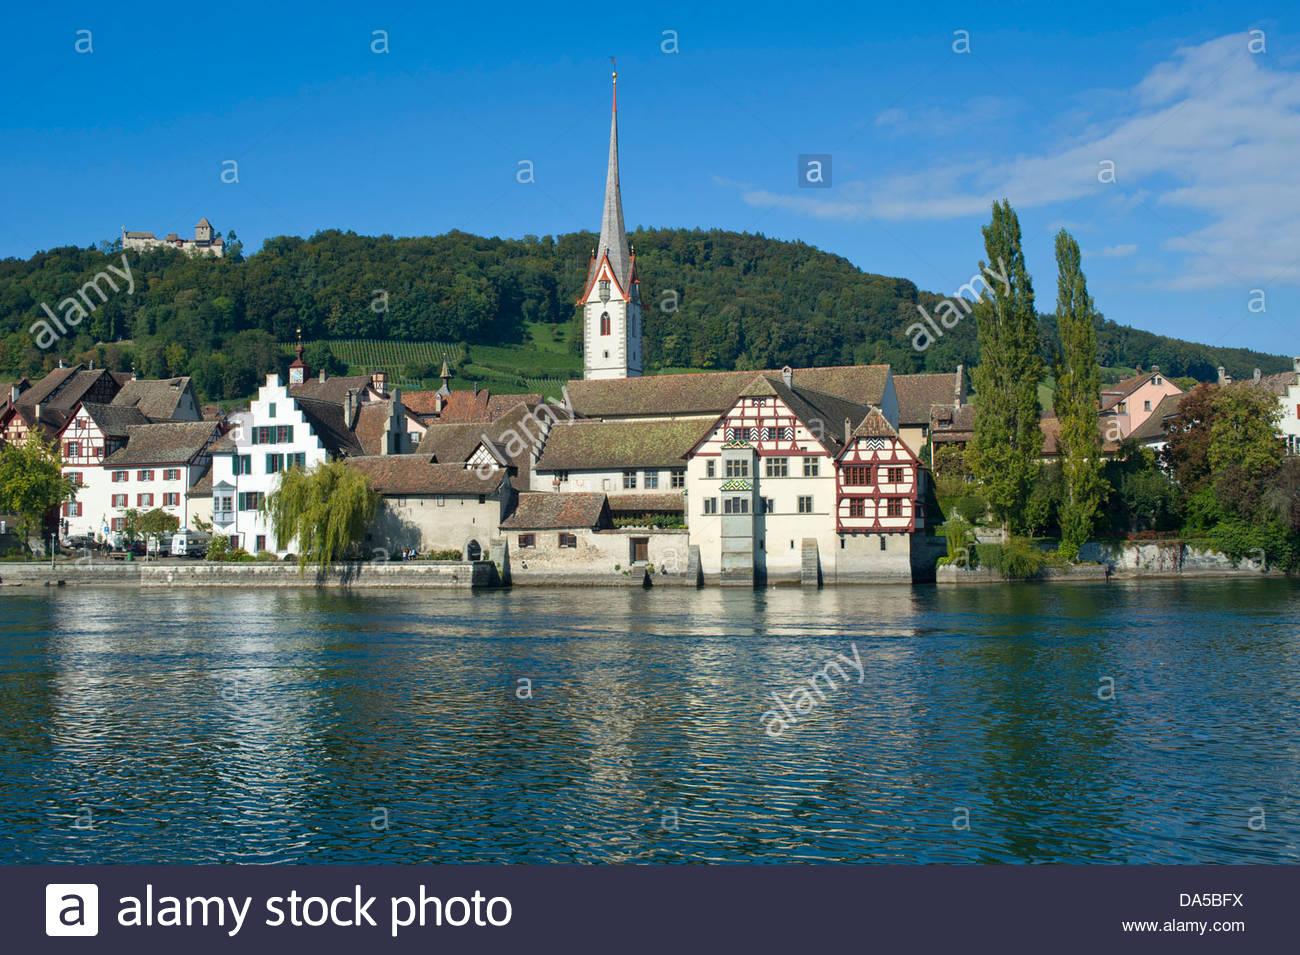 Switzerland, Europe, Schaffhausen, Stein Am Rhein, Rhine, River.